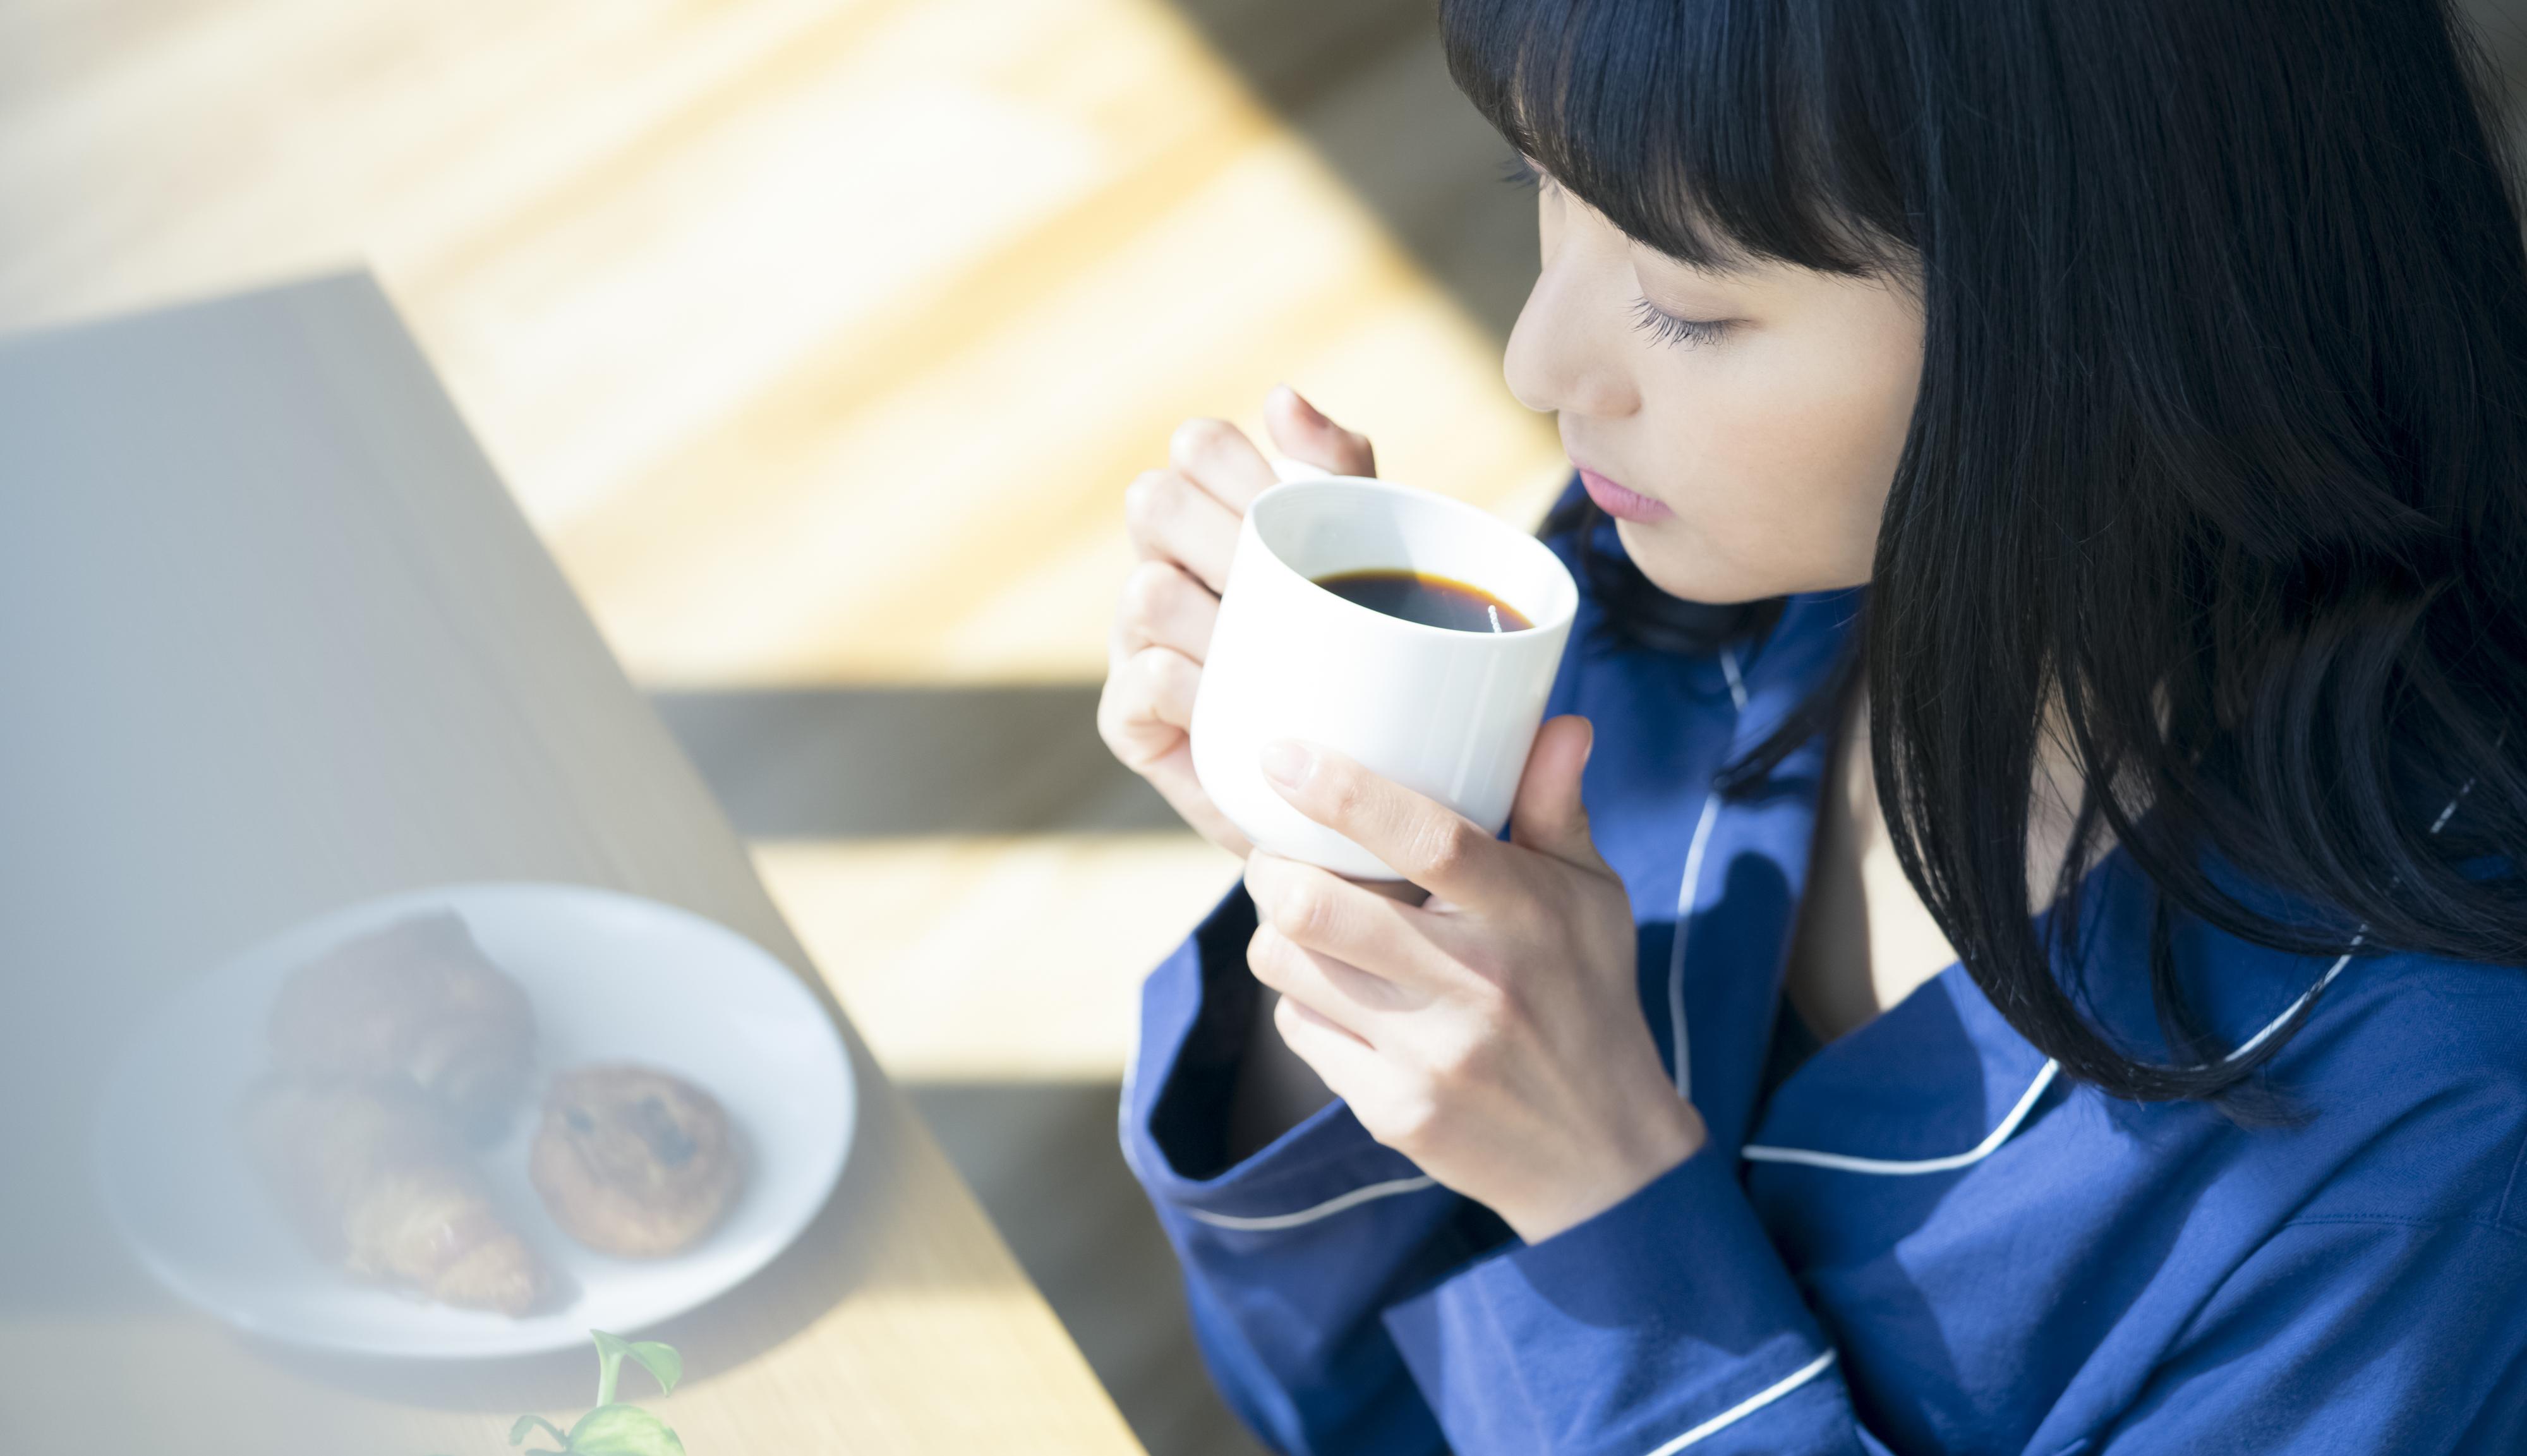 コーヒーは睡眠前に飲んでも大丈夫?